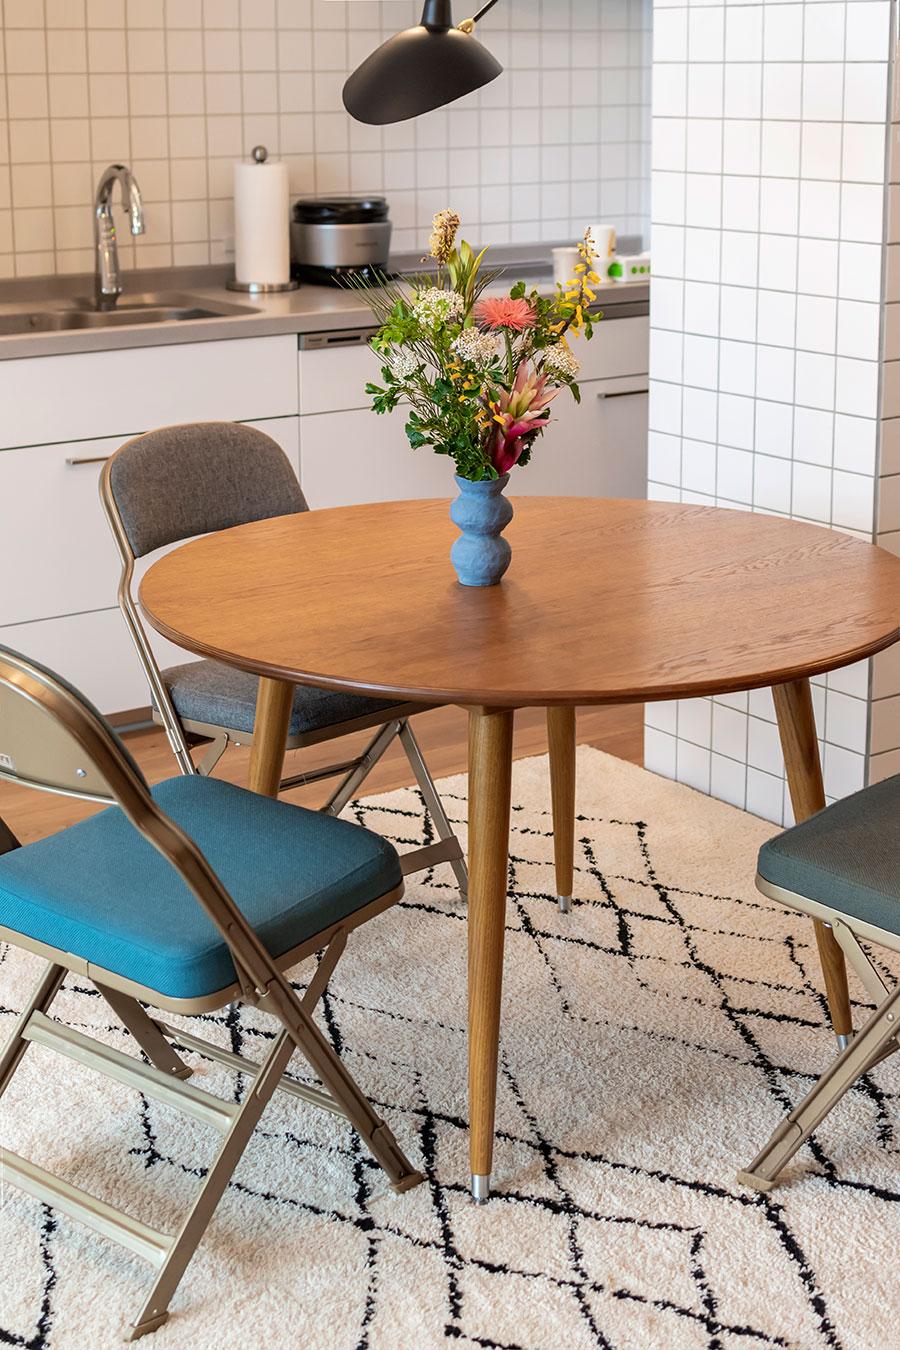 ダイニングテーブルは「Pacific furniture service」のもの。